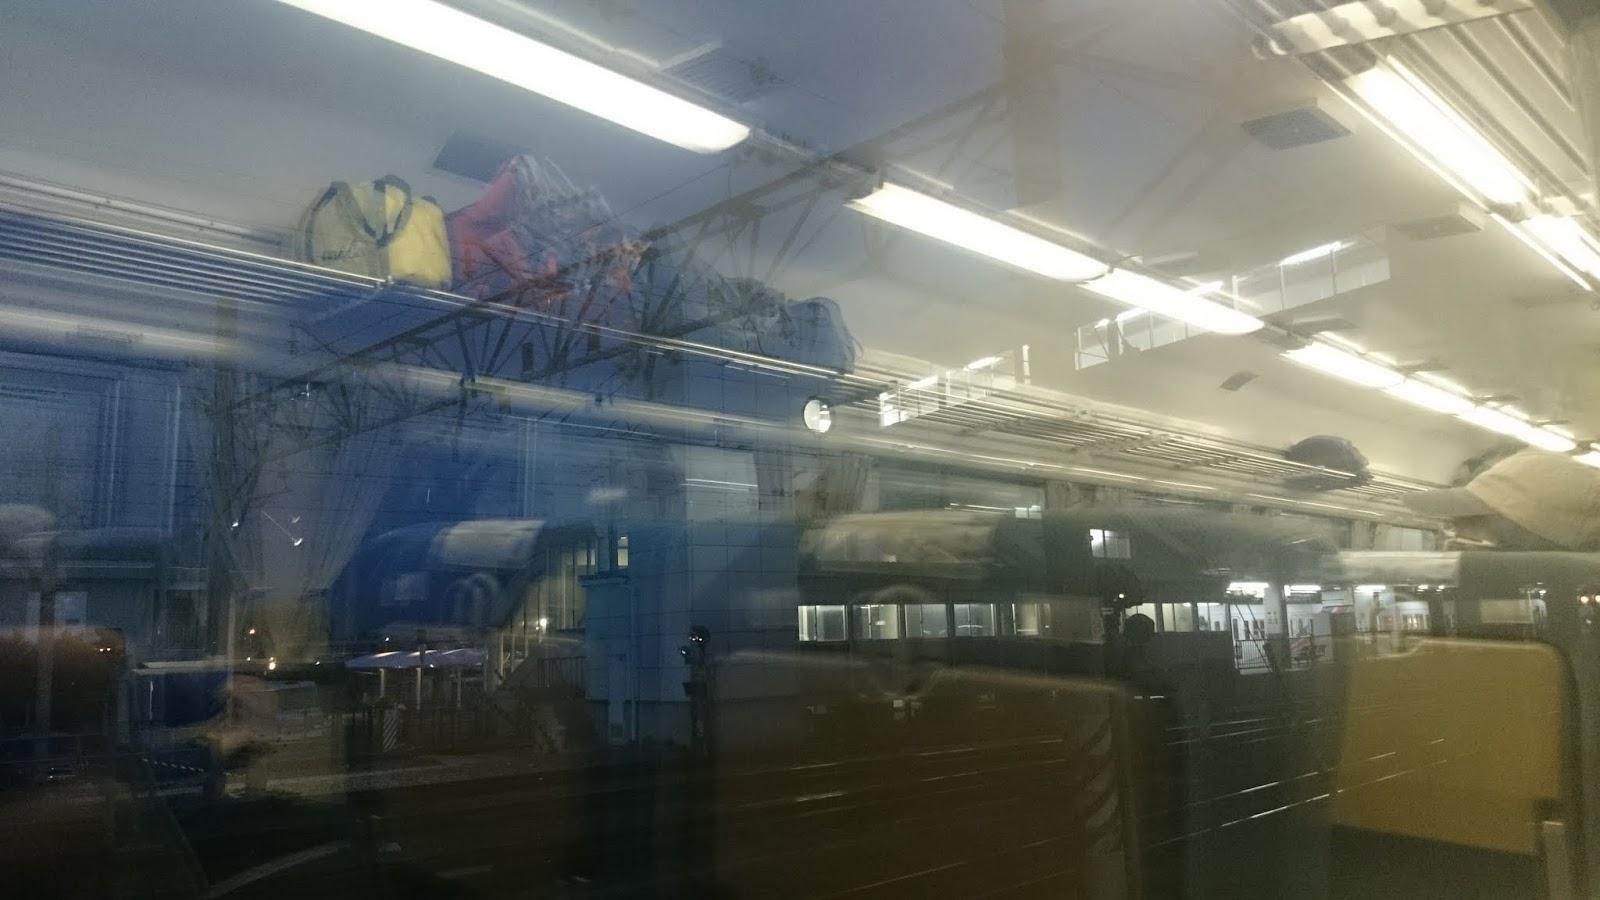 4:32 松本駅到着